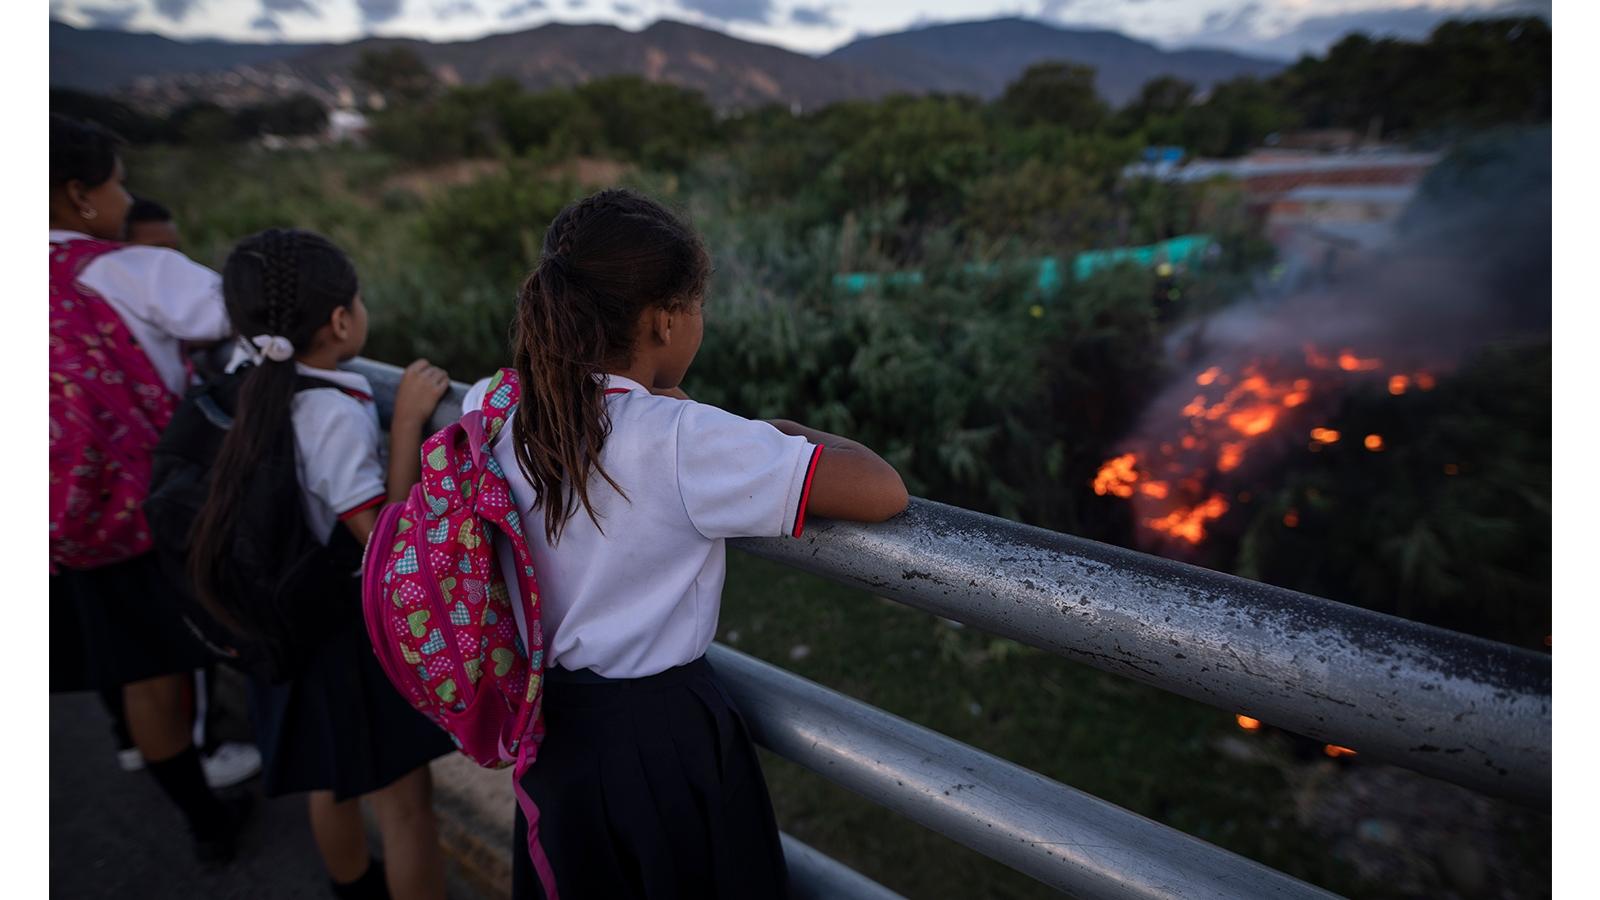 La escuela: entorno protector para los niños venezolanos en Colombia